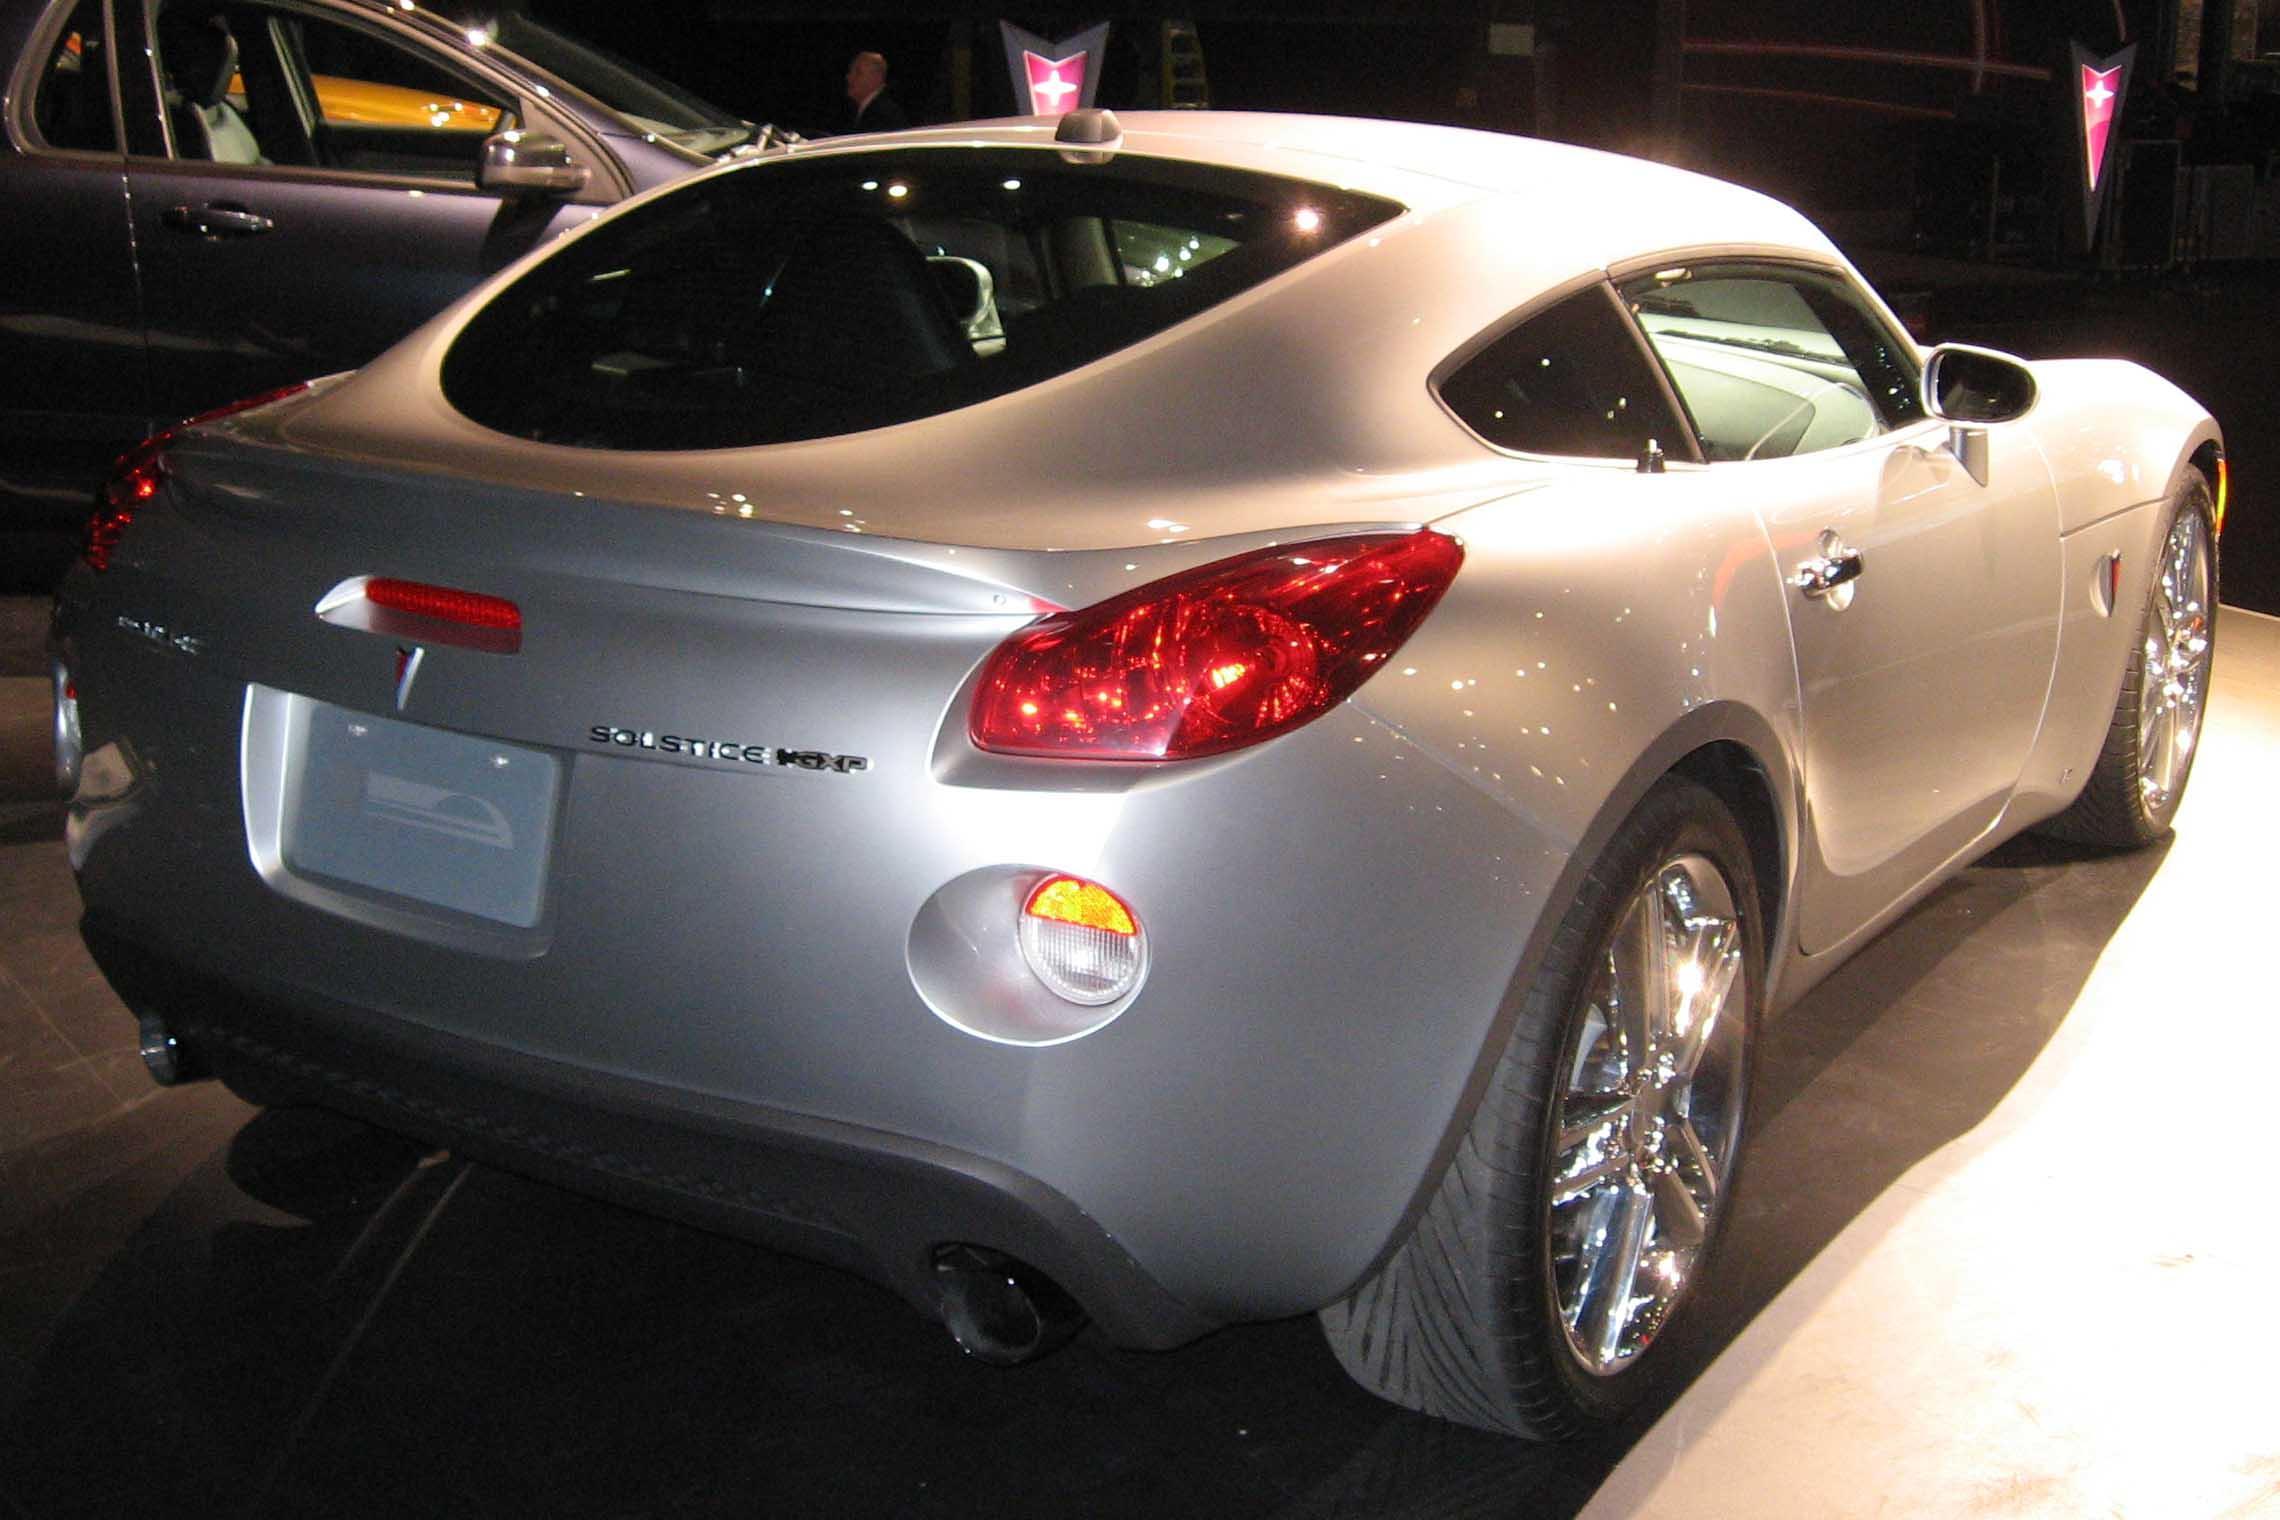 Solstice Coupe Gxp Vs G8 Gxp